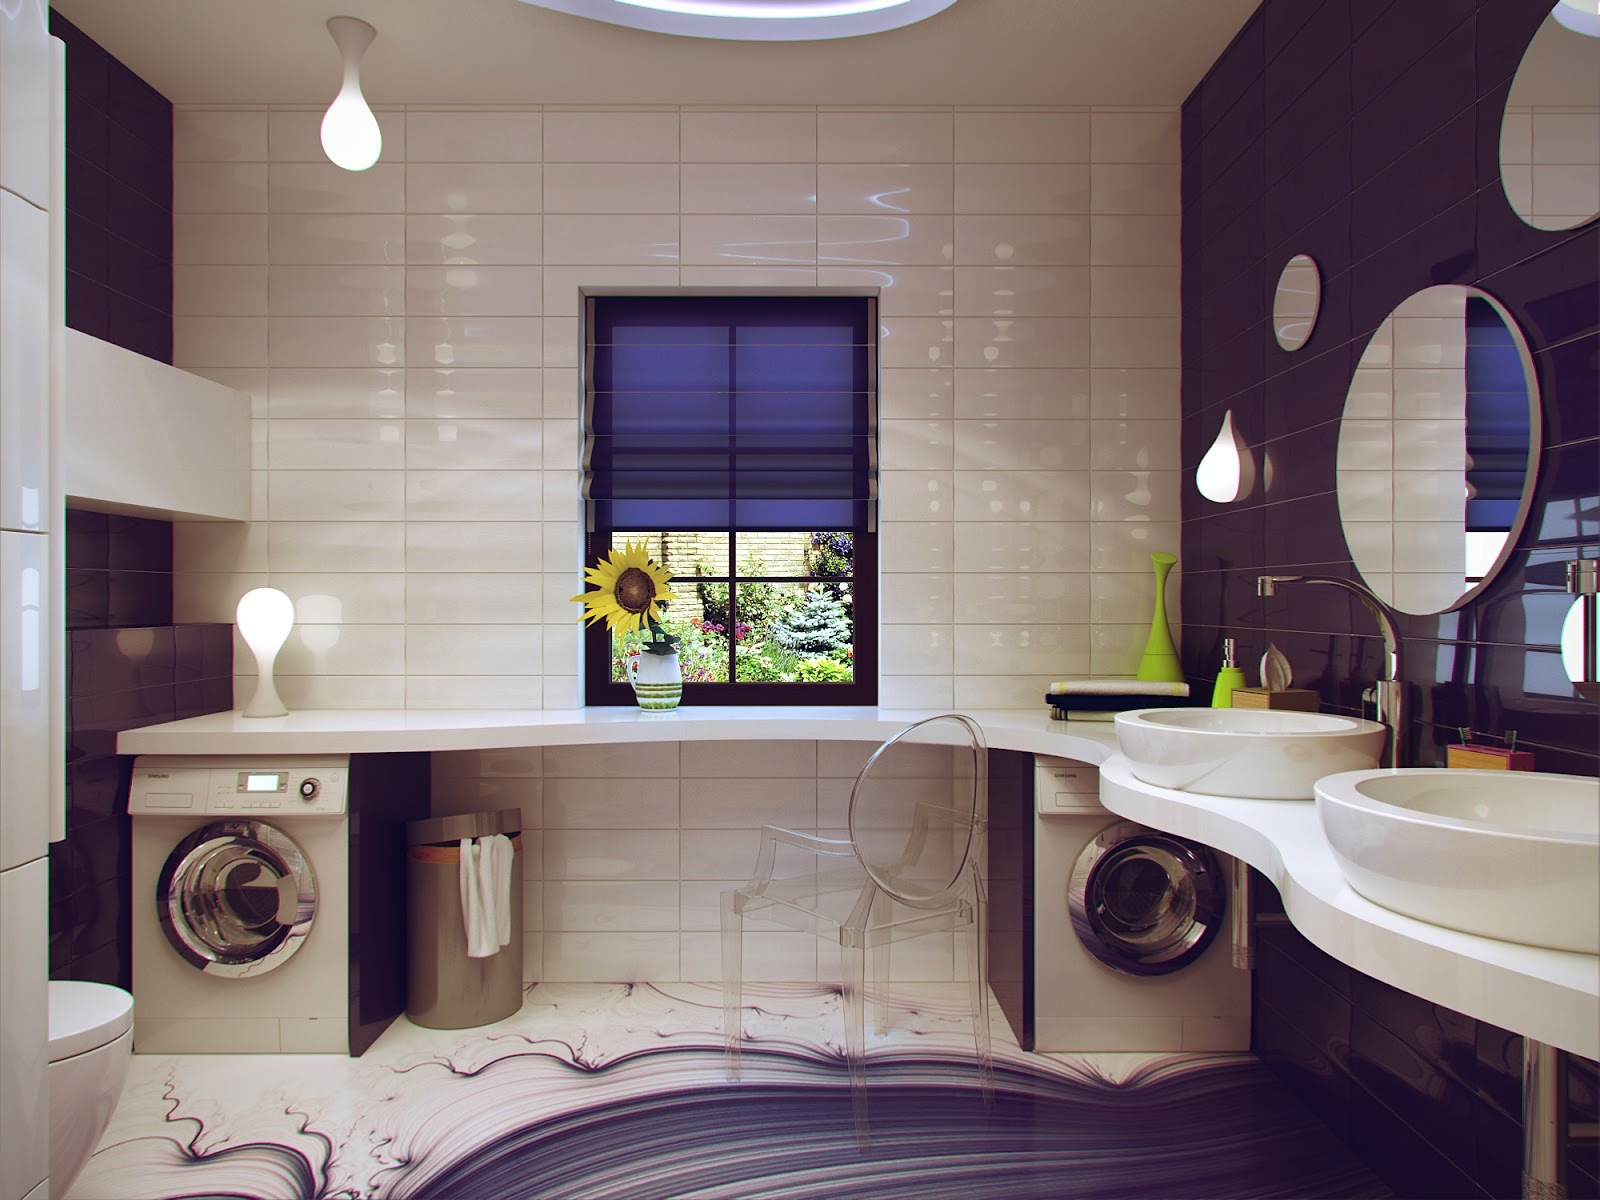 mẫu phòng tắm nhỏ đẹp, độc đáo